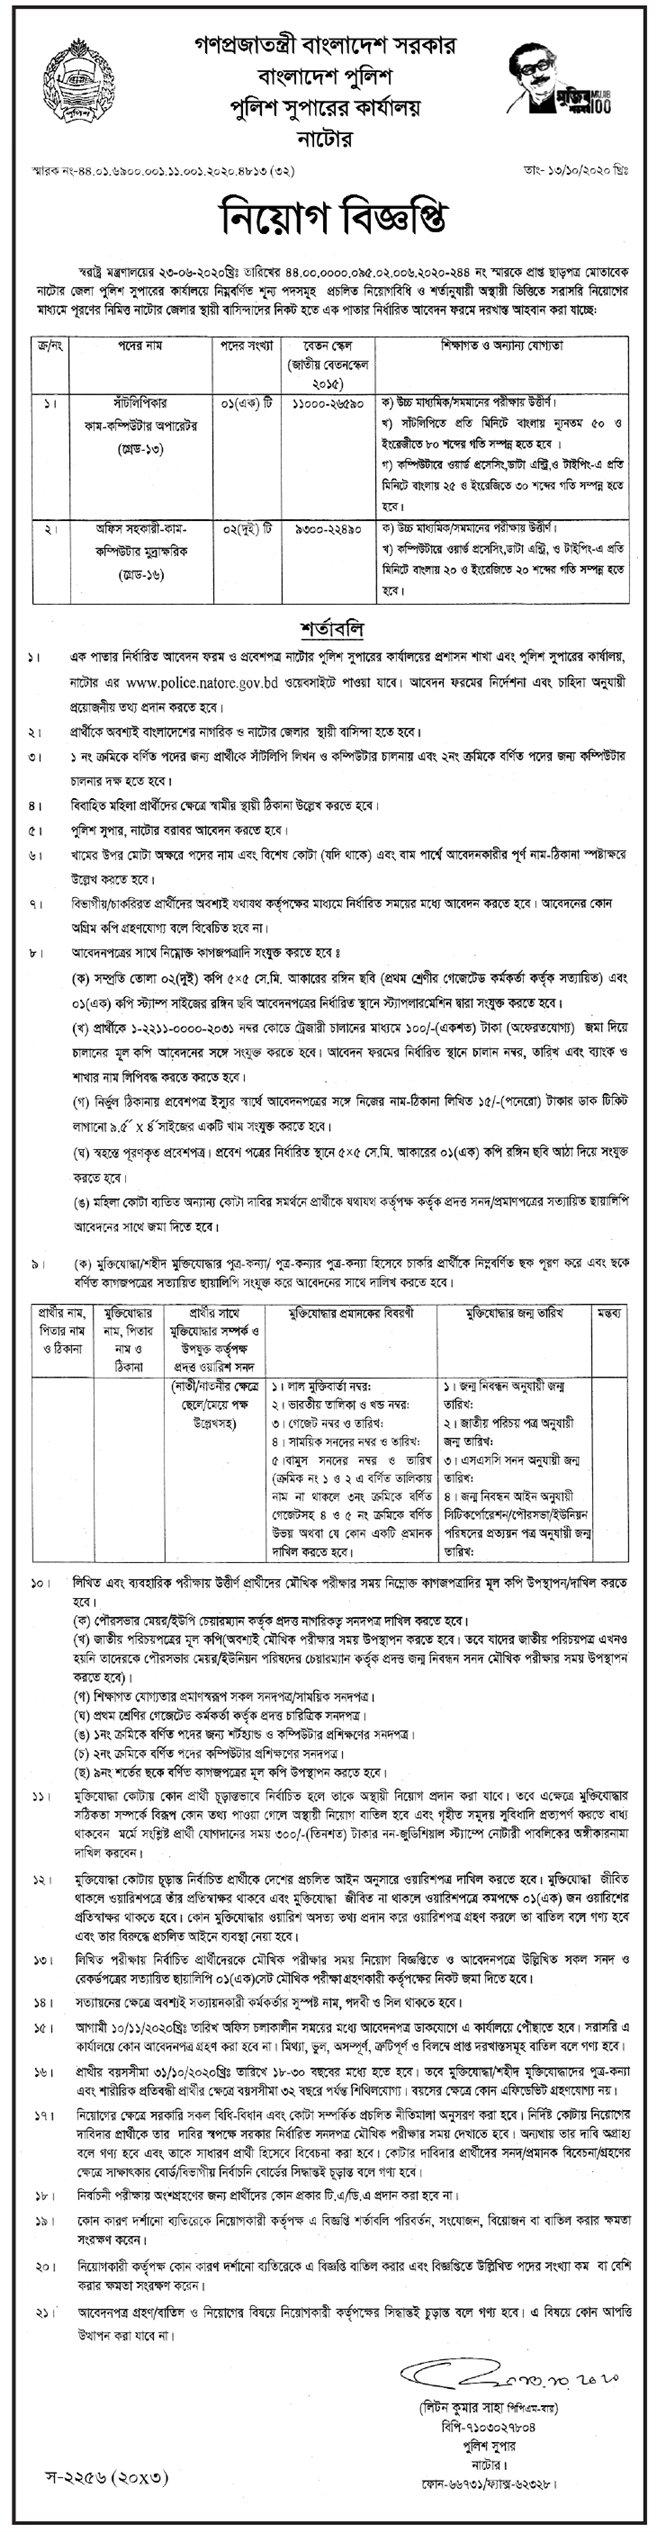 পুলিশ সুপারের কার্যালয় ঝালকাঠি নিয়োগ বিজ্ঞপ্তি - Police Superintendent's Office Jhalokati Recruitment Circular